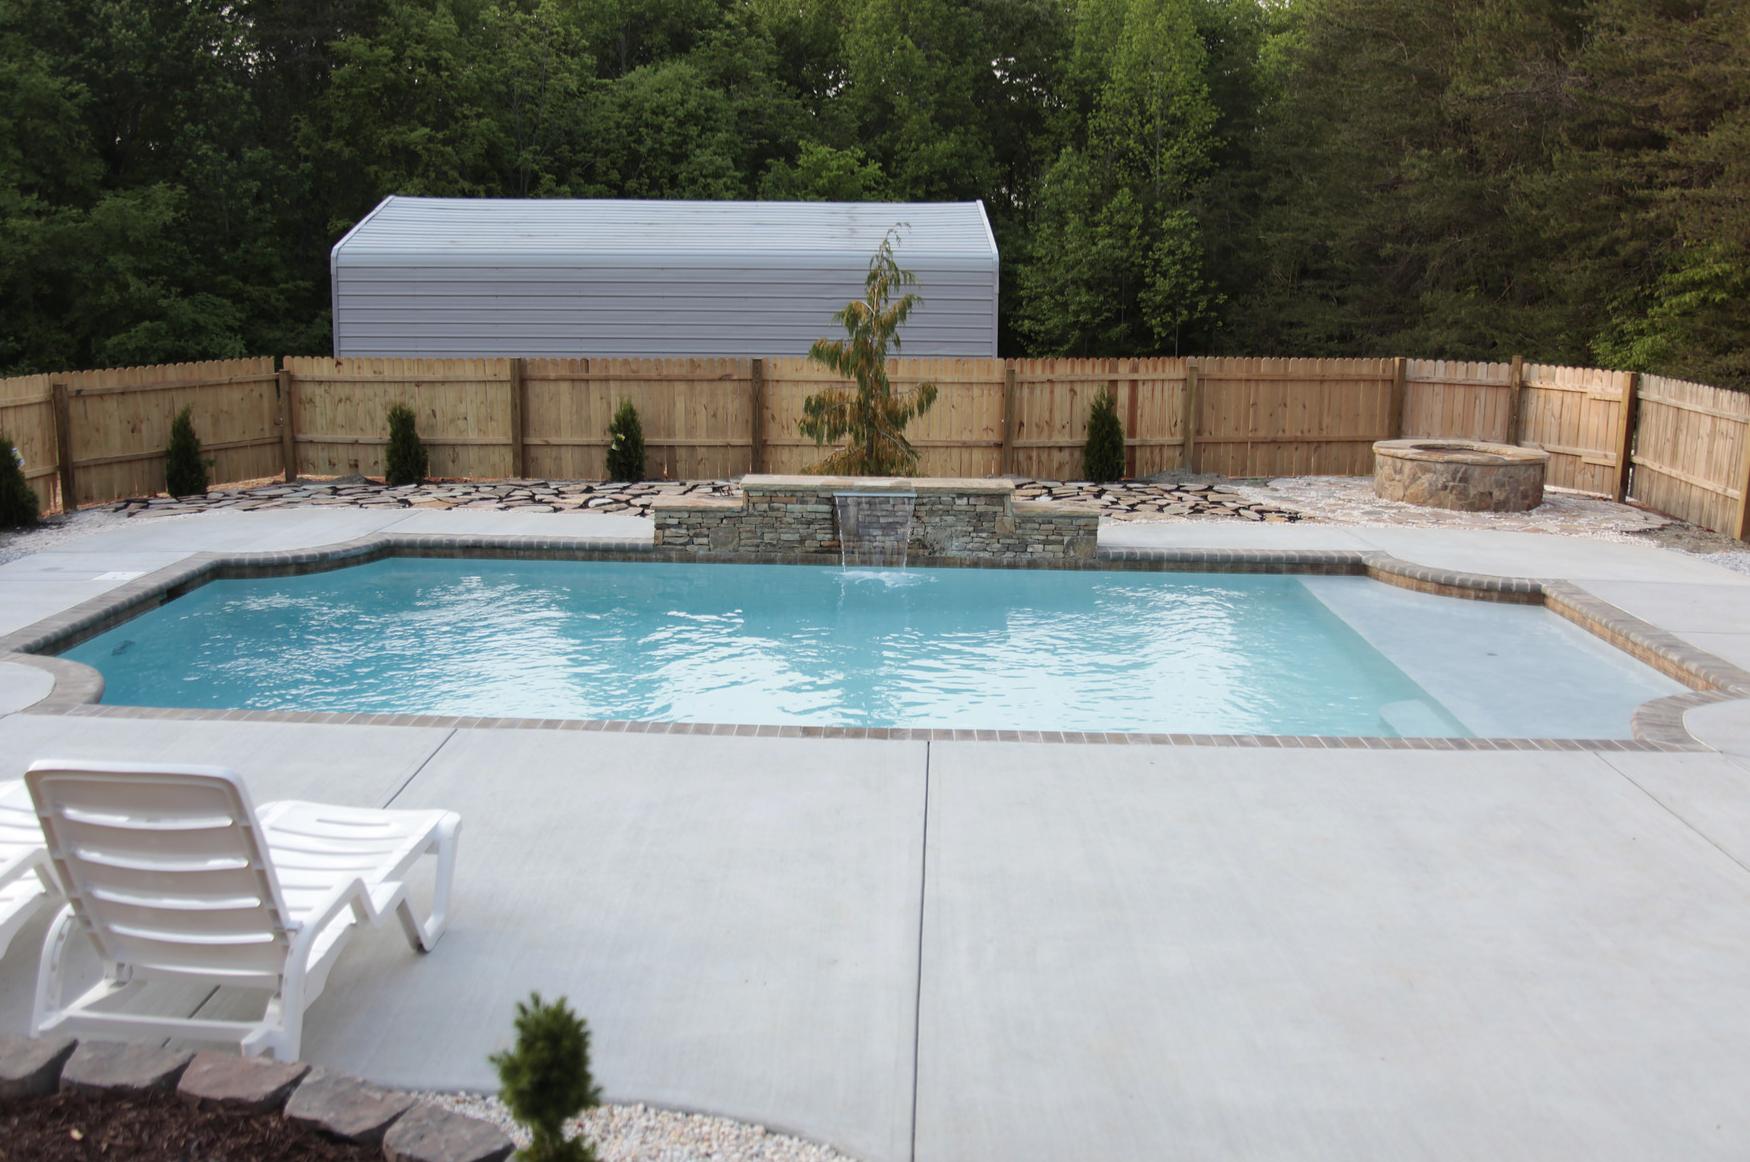 Concrete Inground Pools Installed In Cornelius North Carolina 704 799 5236